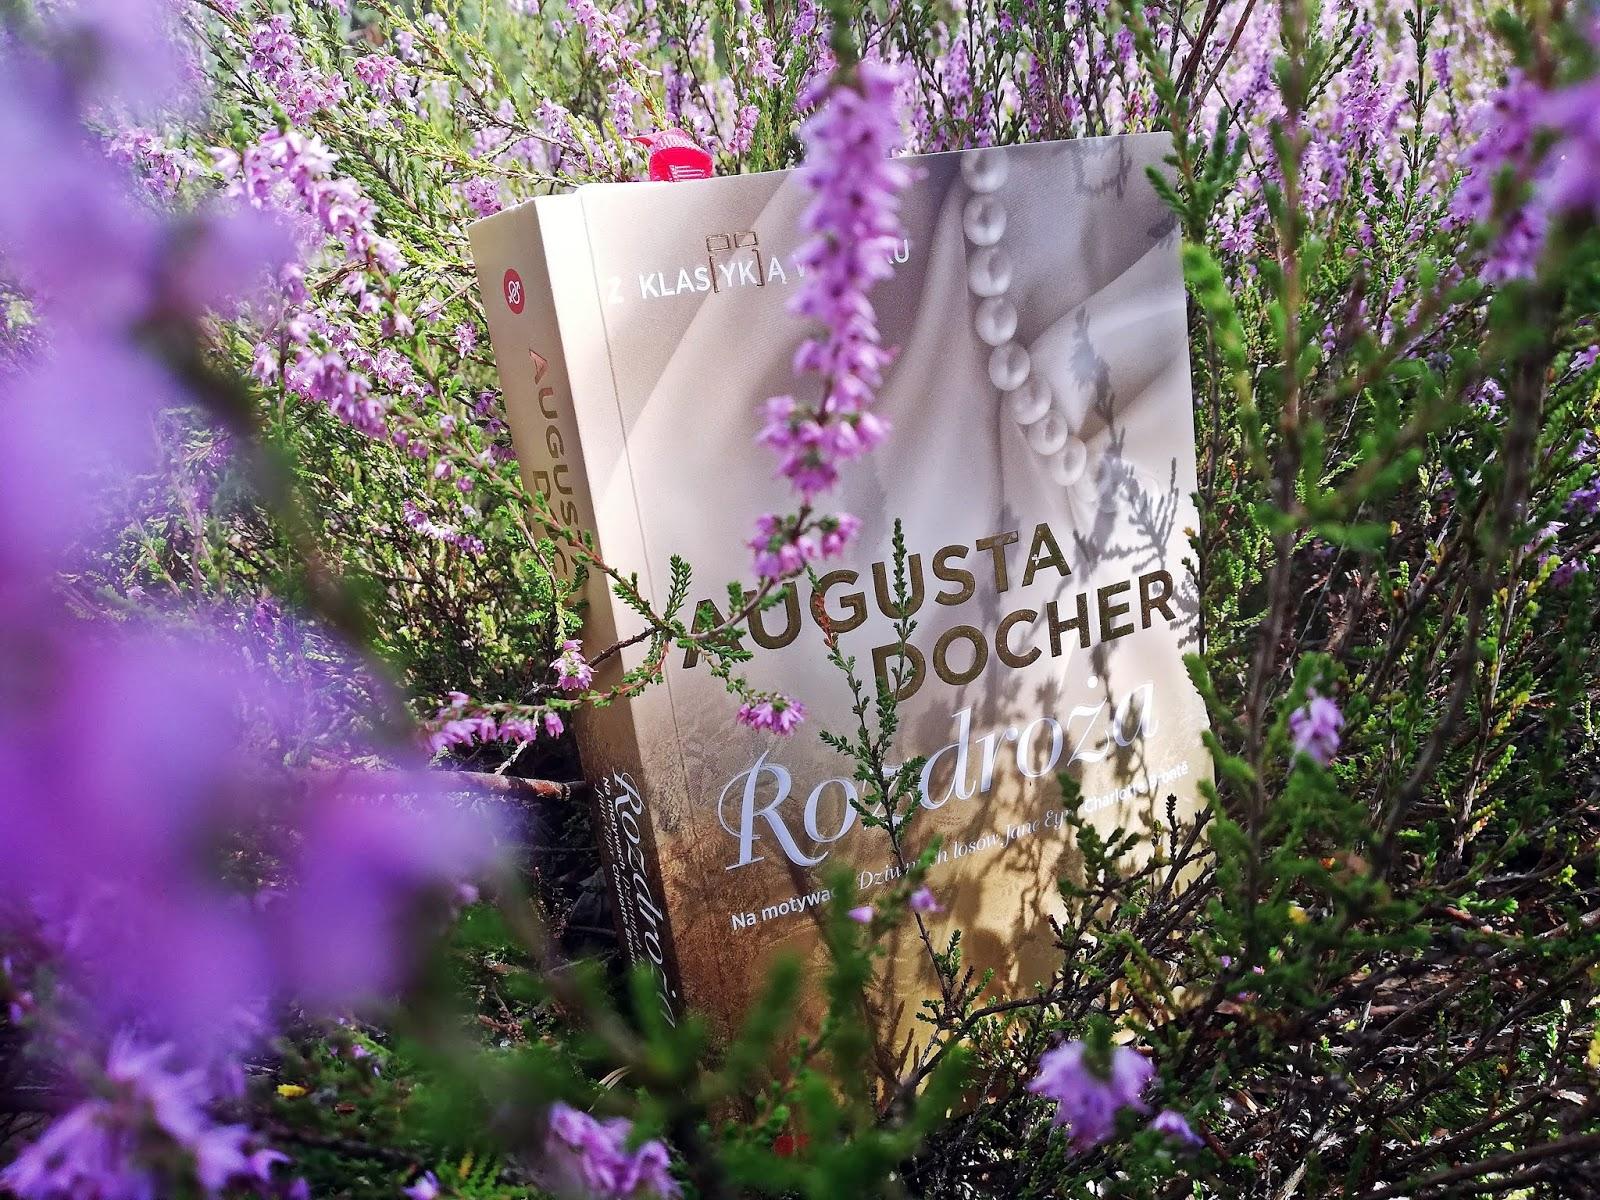 """Gdzie znajdują się """"Rozdroża"""" Augusta Docher"""